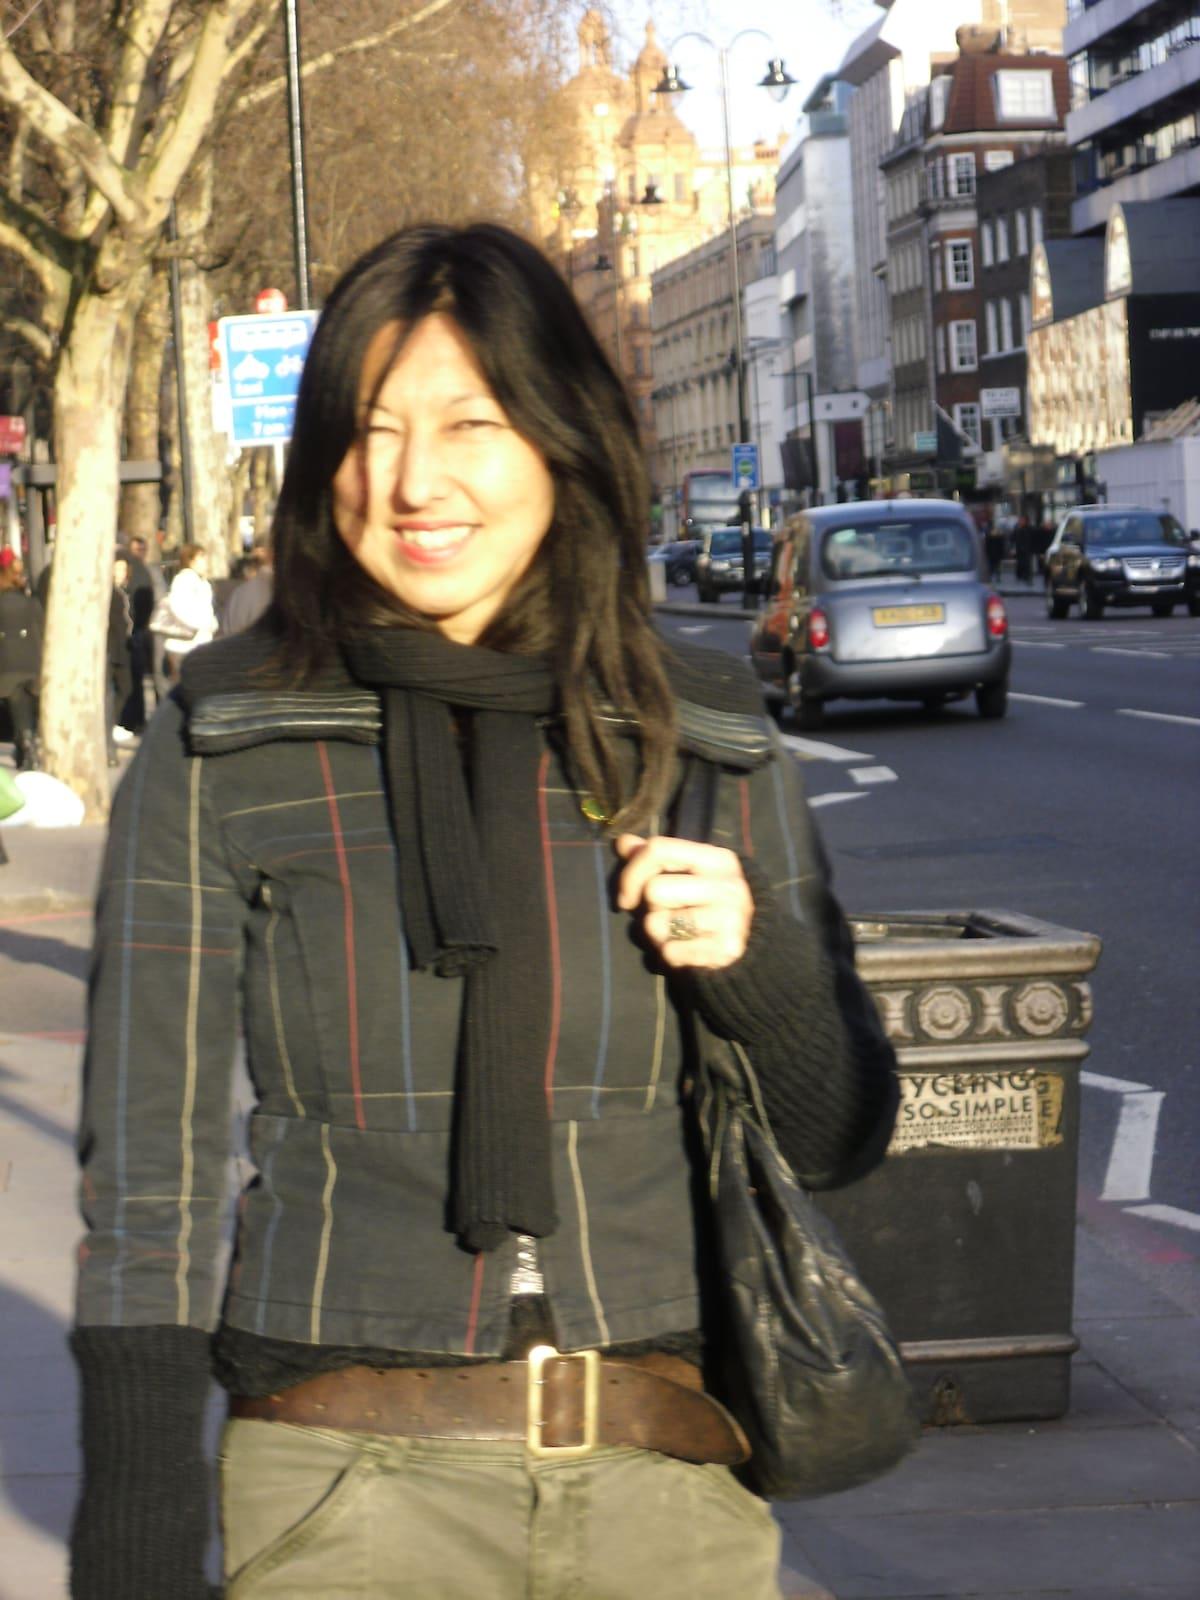 Yoko from London